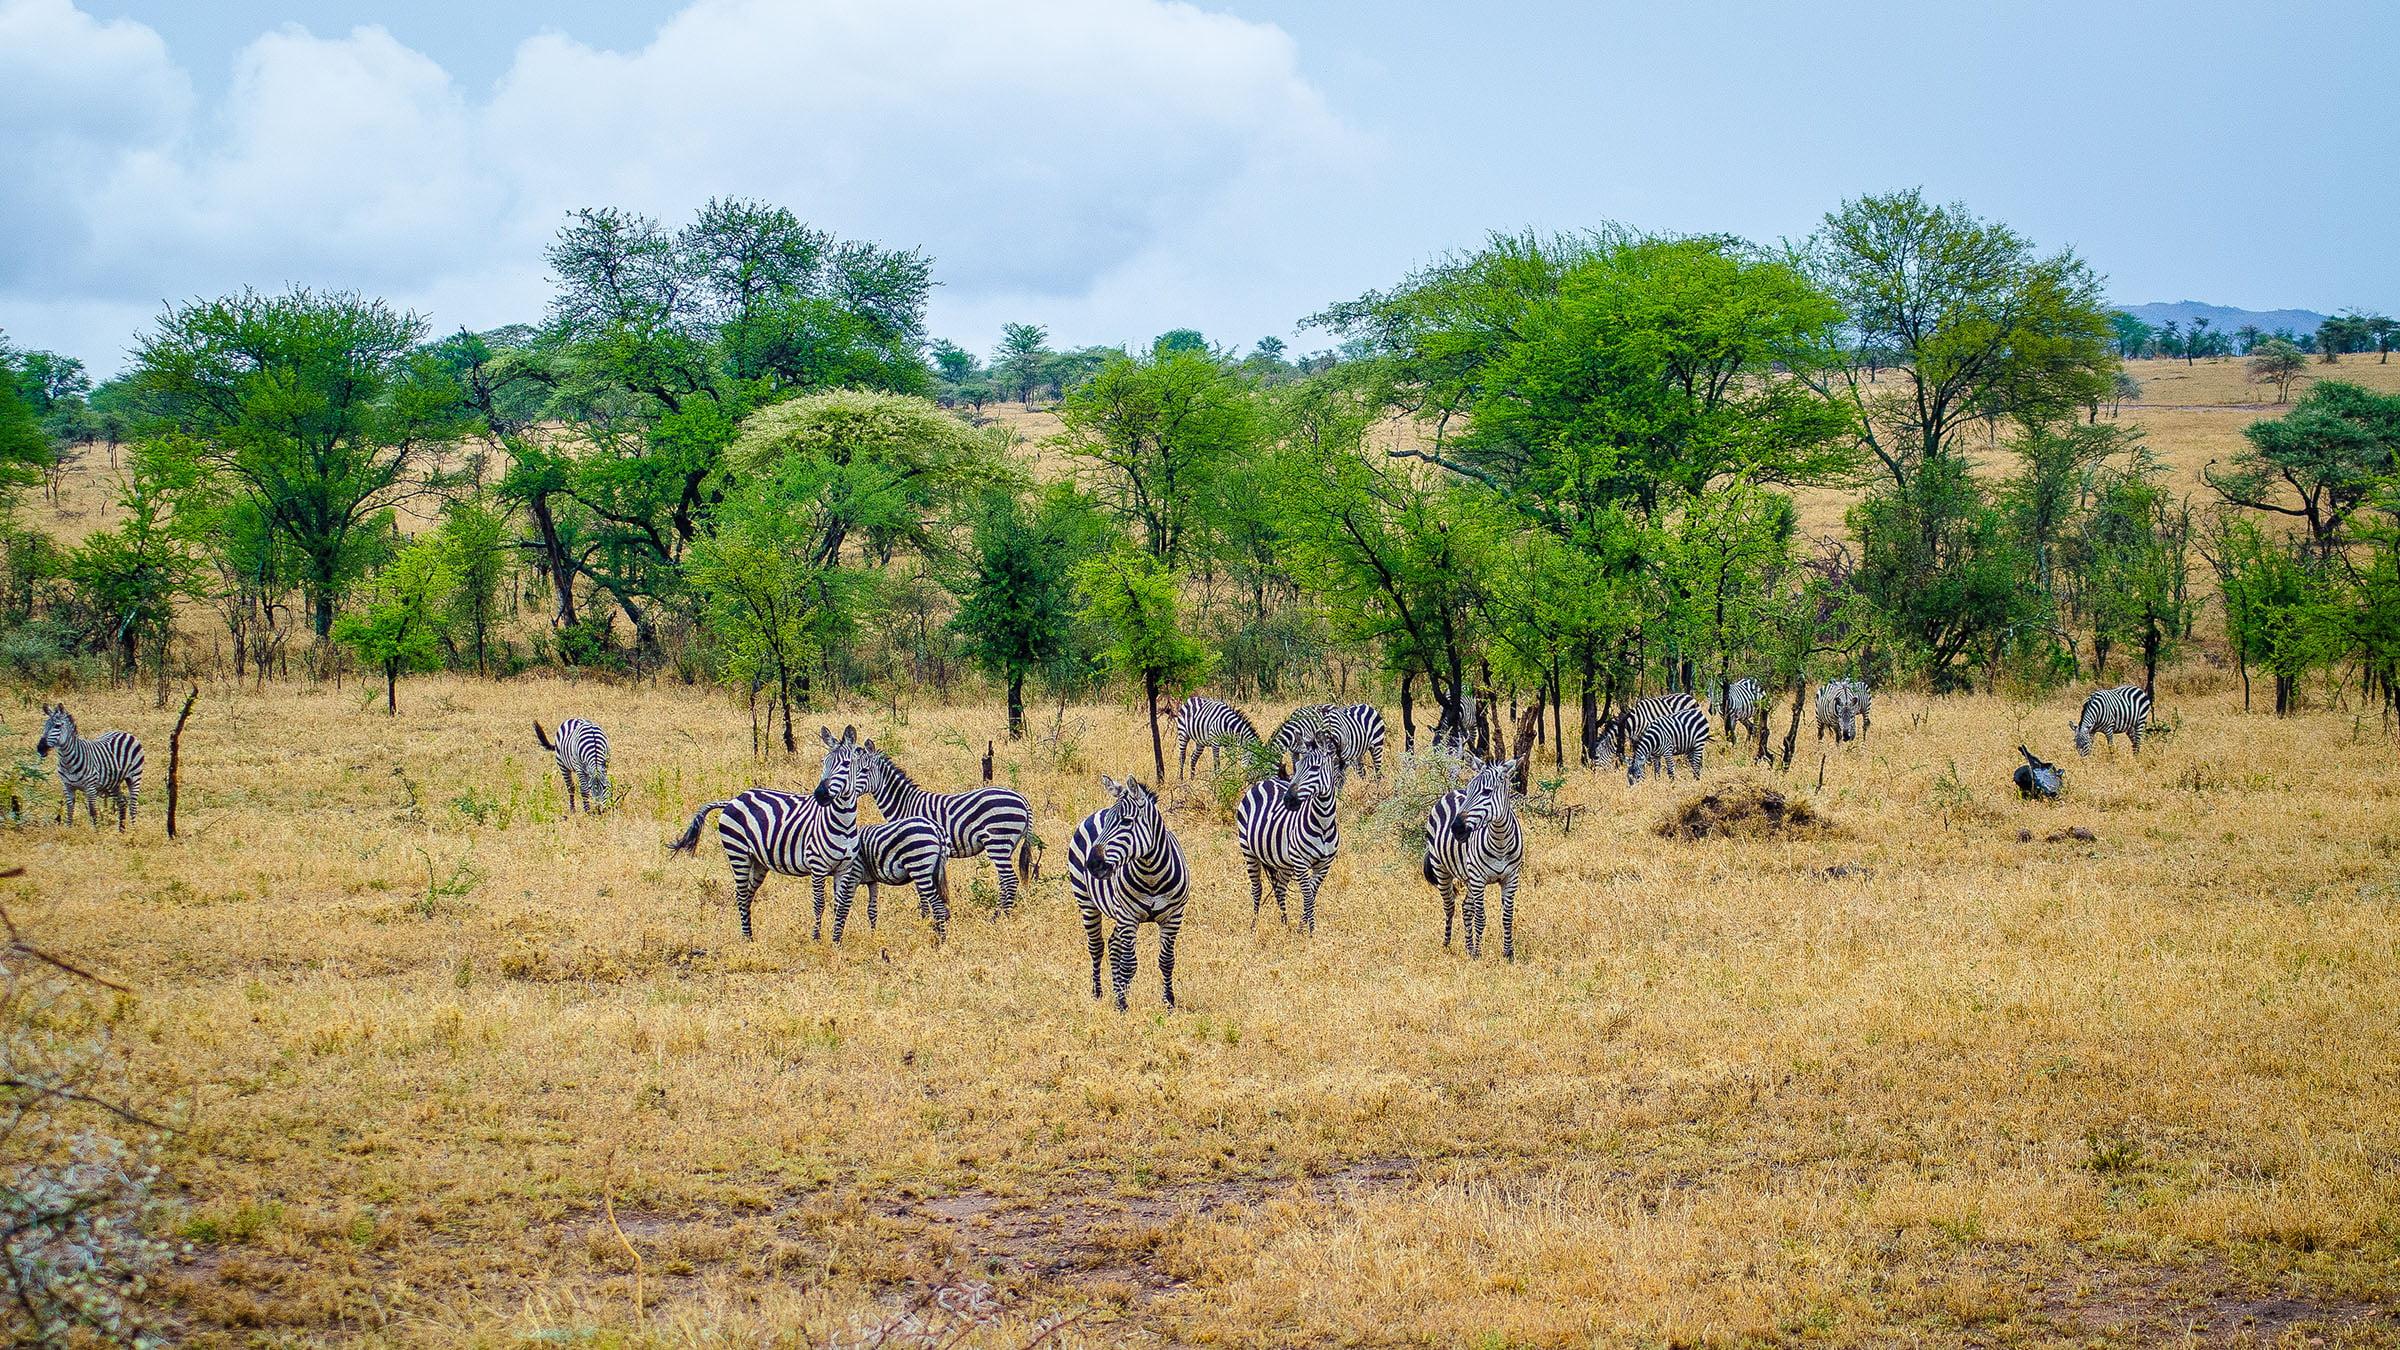 la sabana en el parque nacional serengueti tanzania